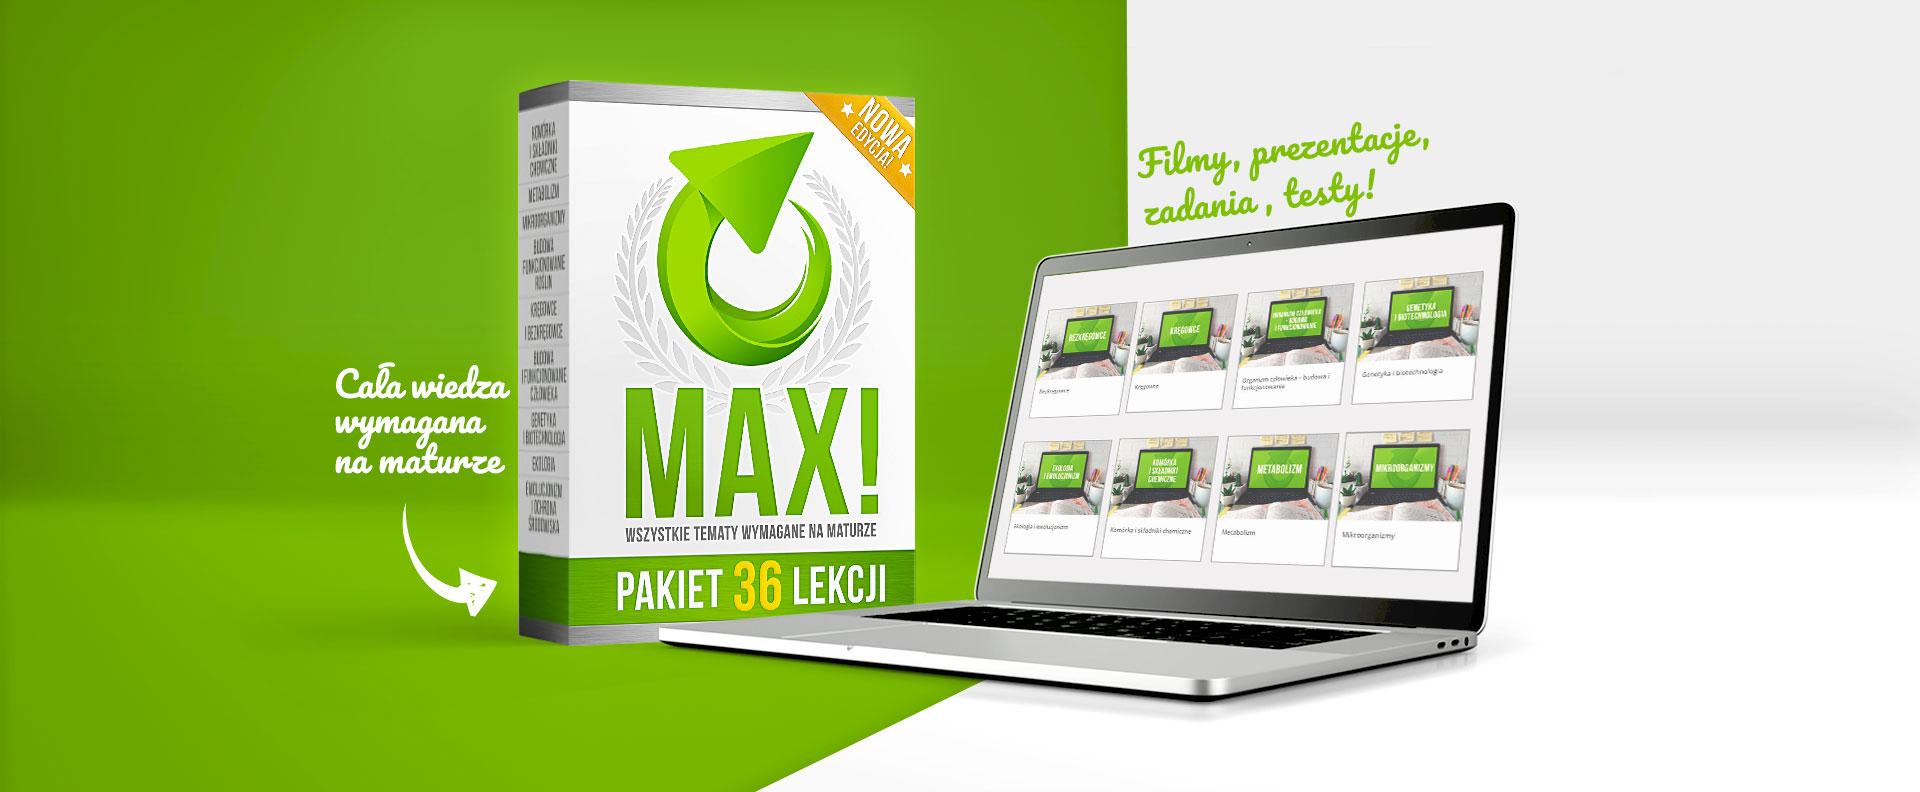 Pakiet MAX